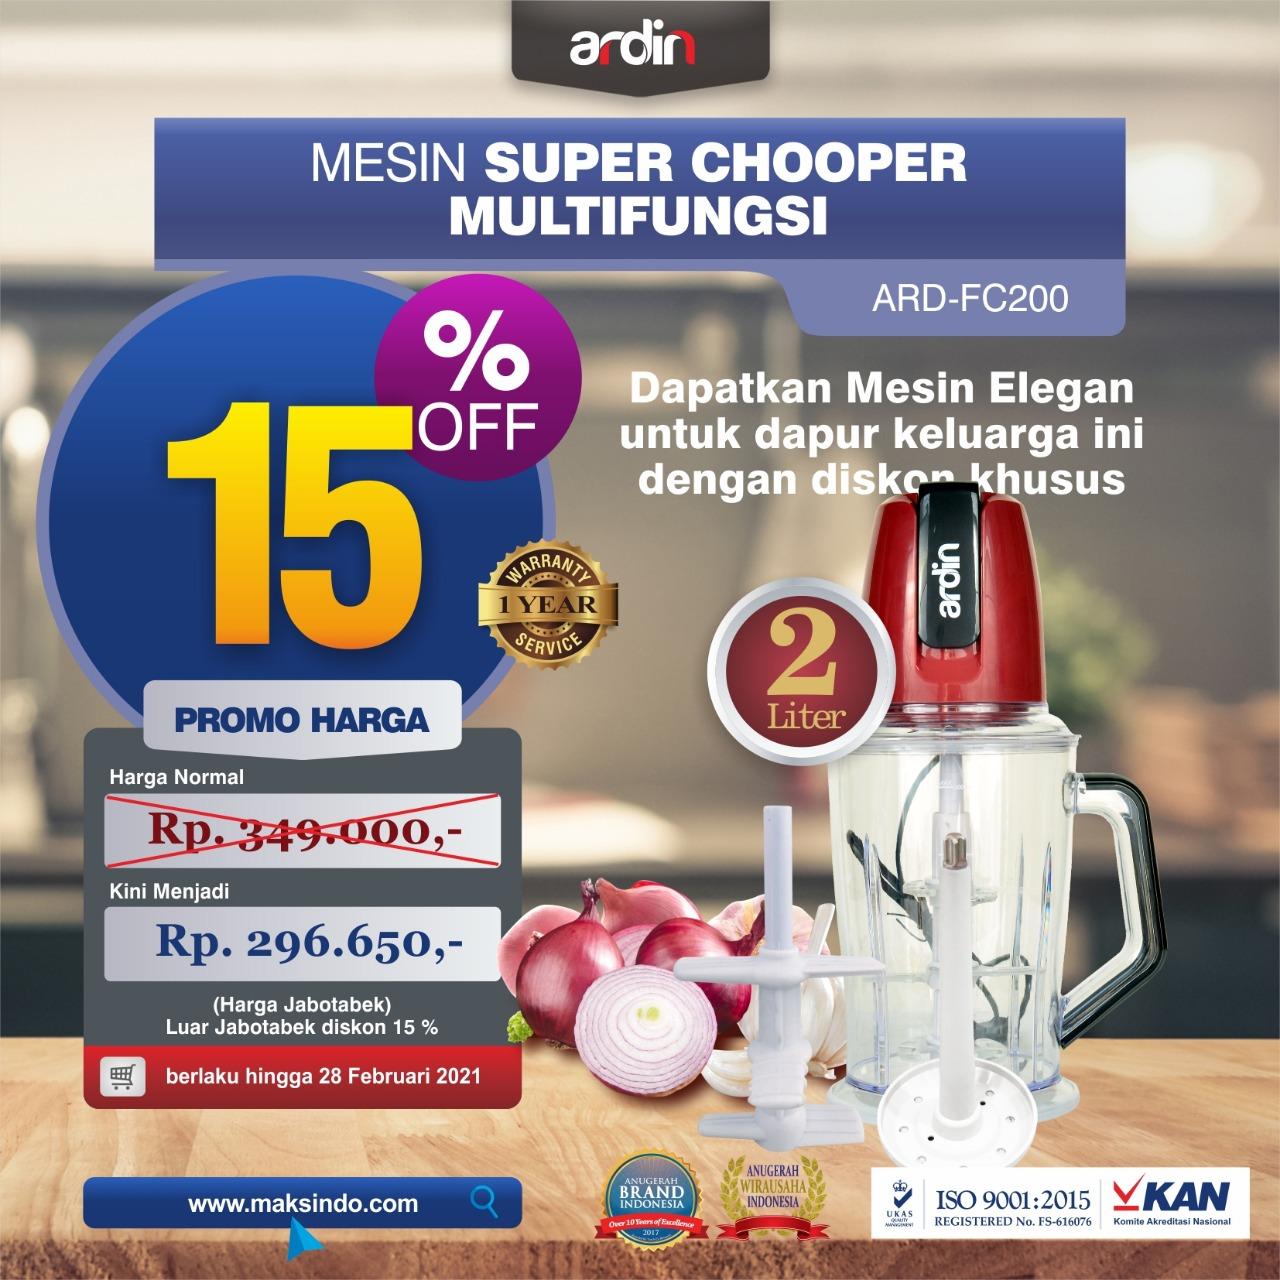 Jual Mesin Food Chopper Ardin Multi Fungsi ARD-FC200 di Makassar